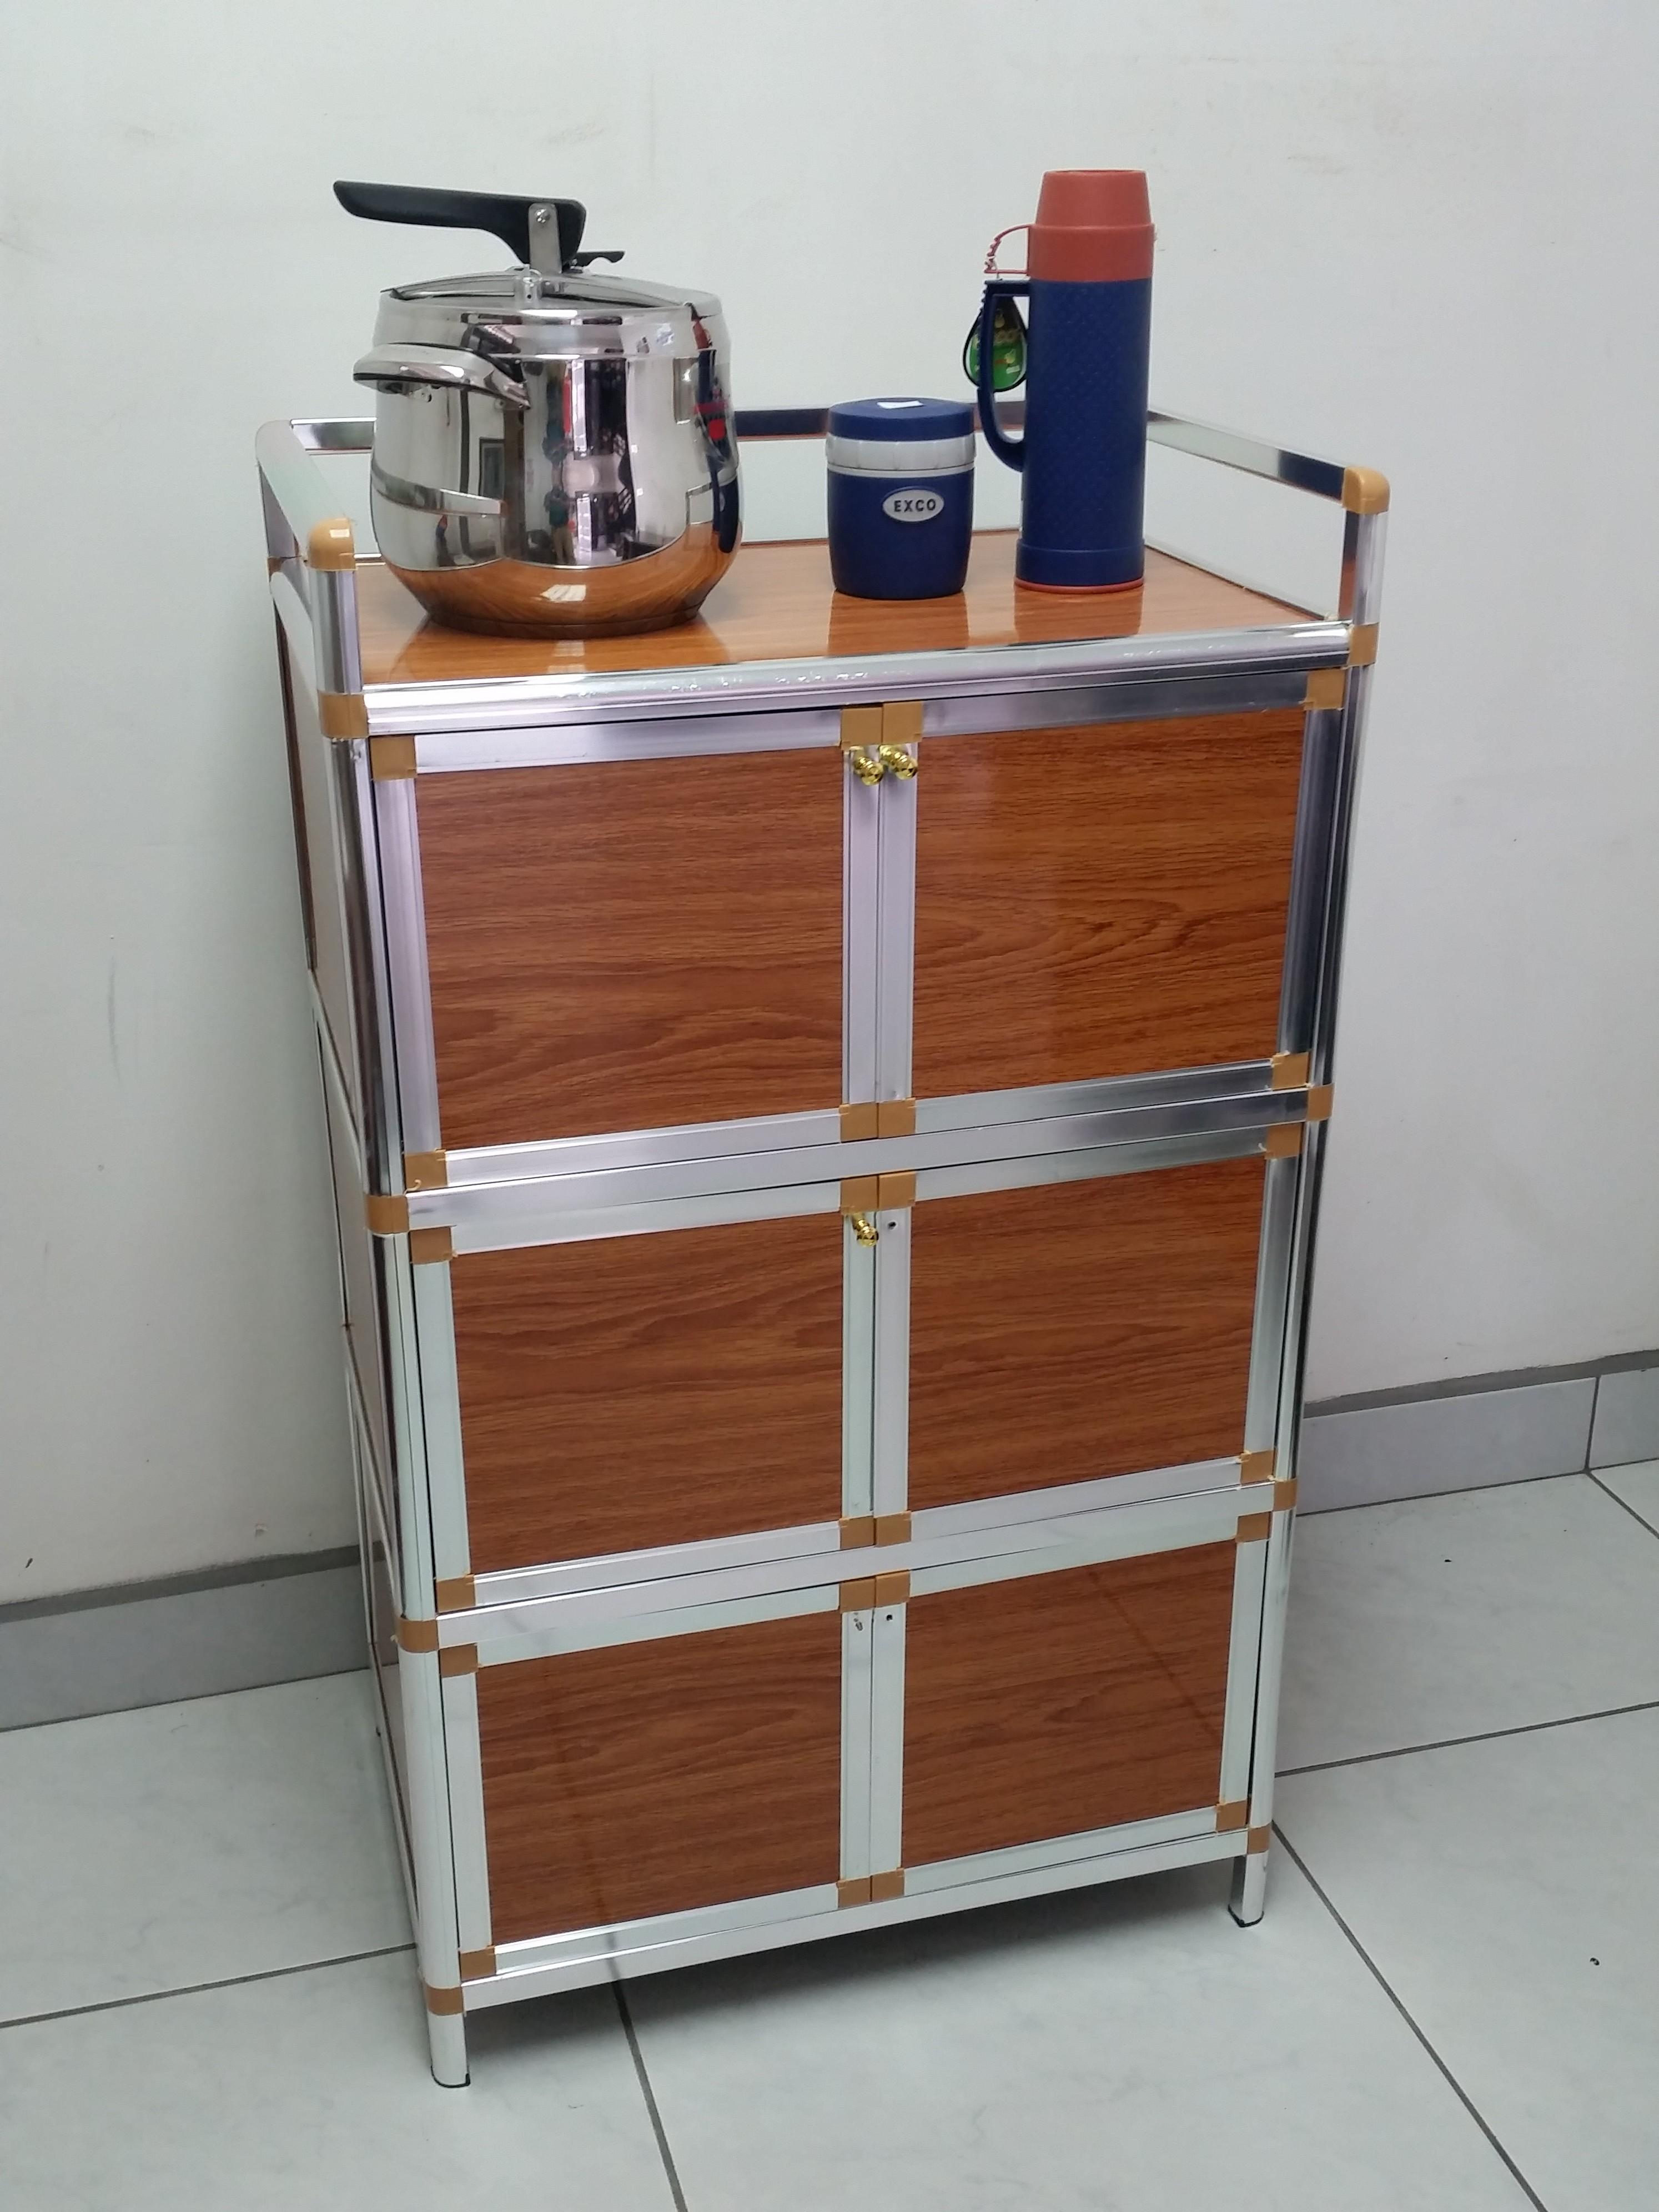 Mueble organizador vertical multiuso con 6 puertas labnash for Mueble organizador